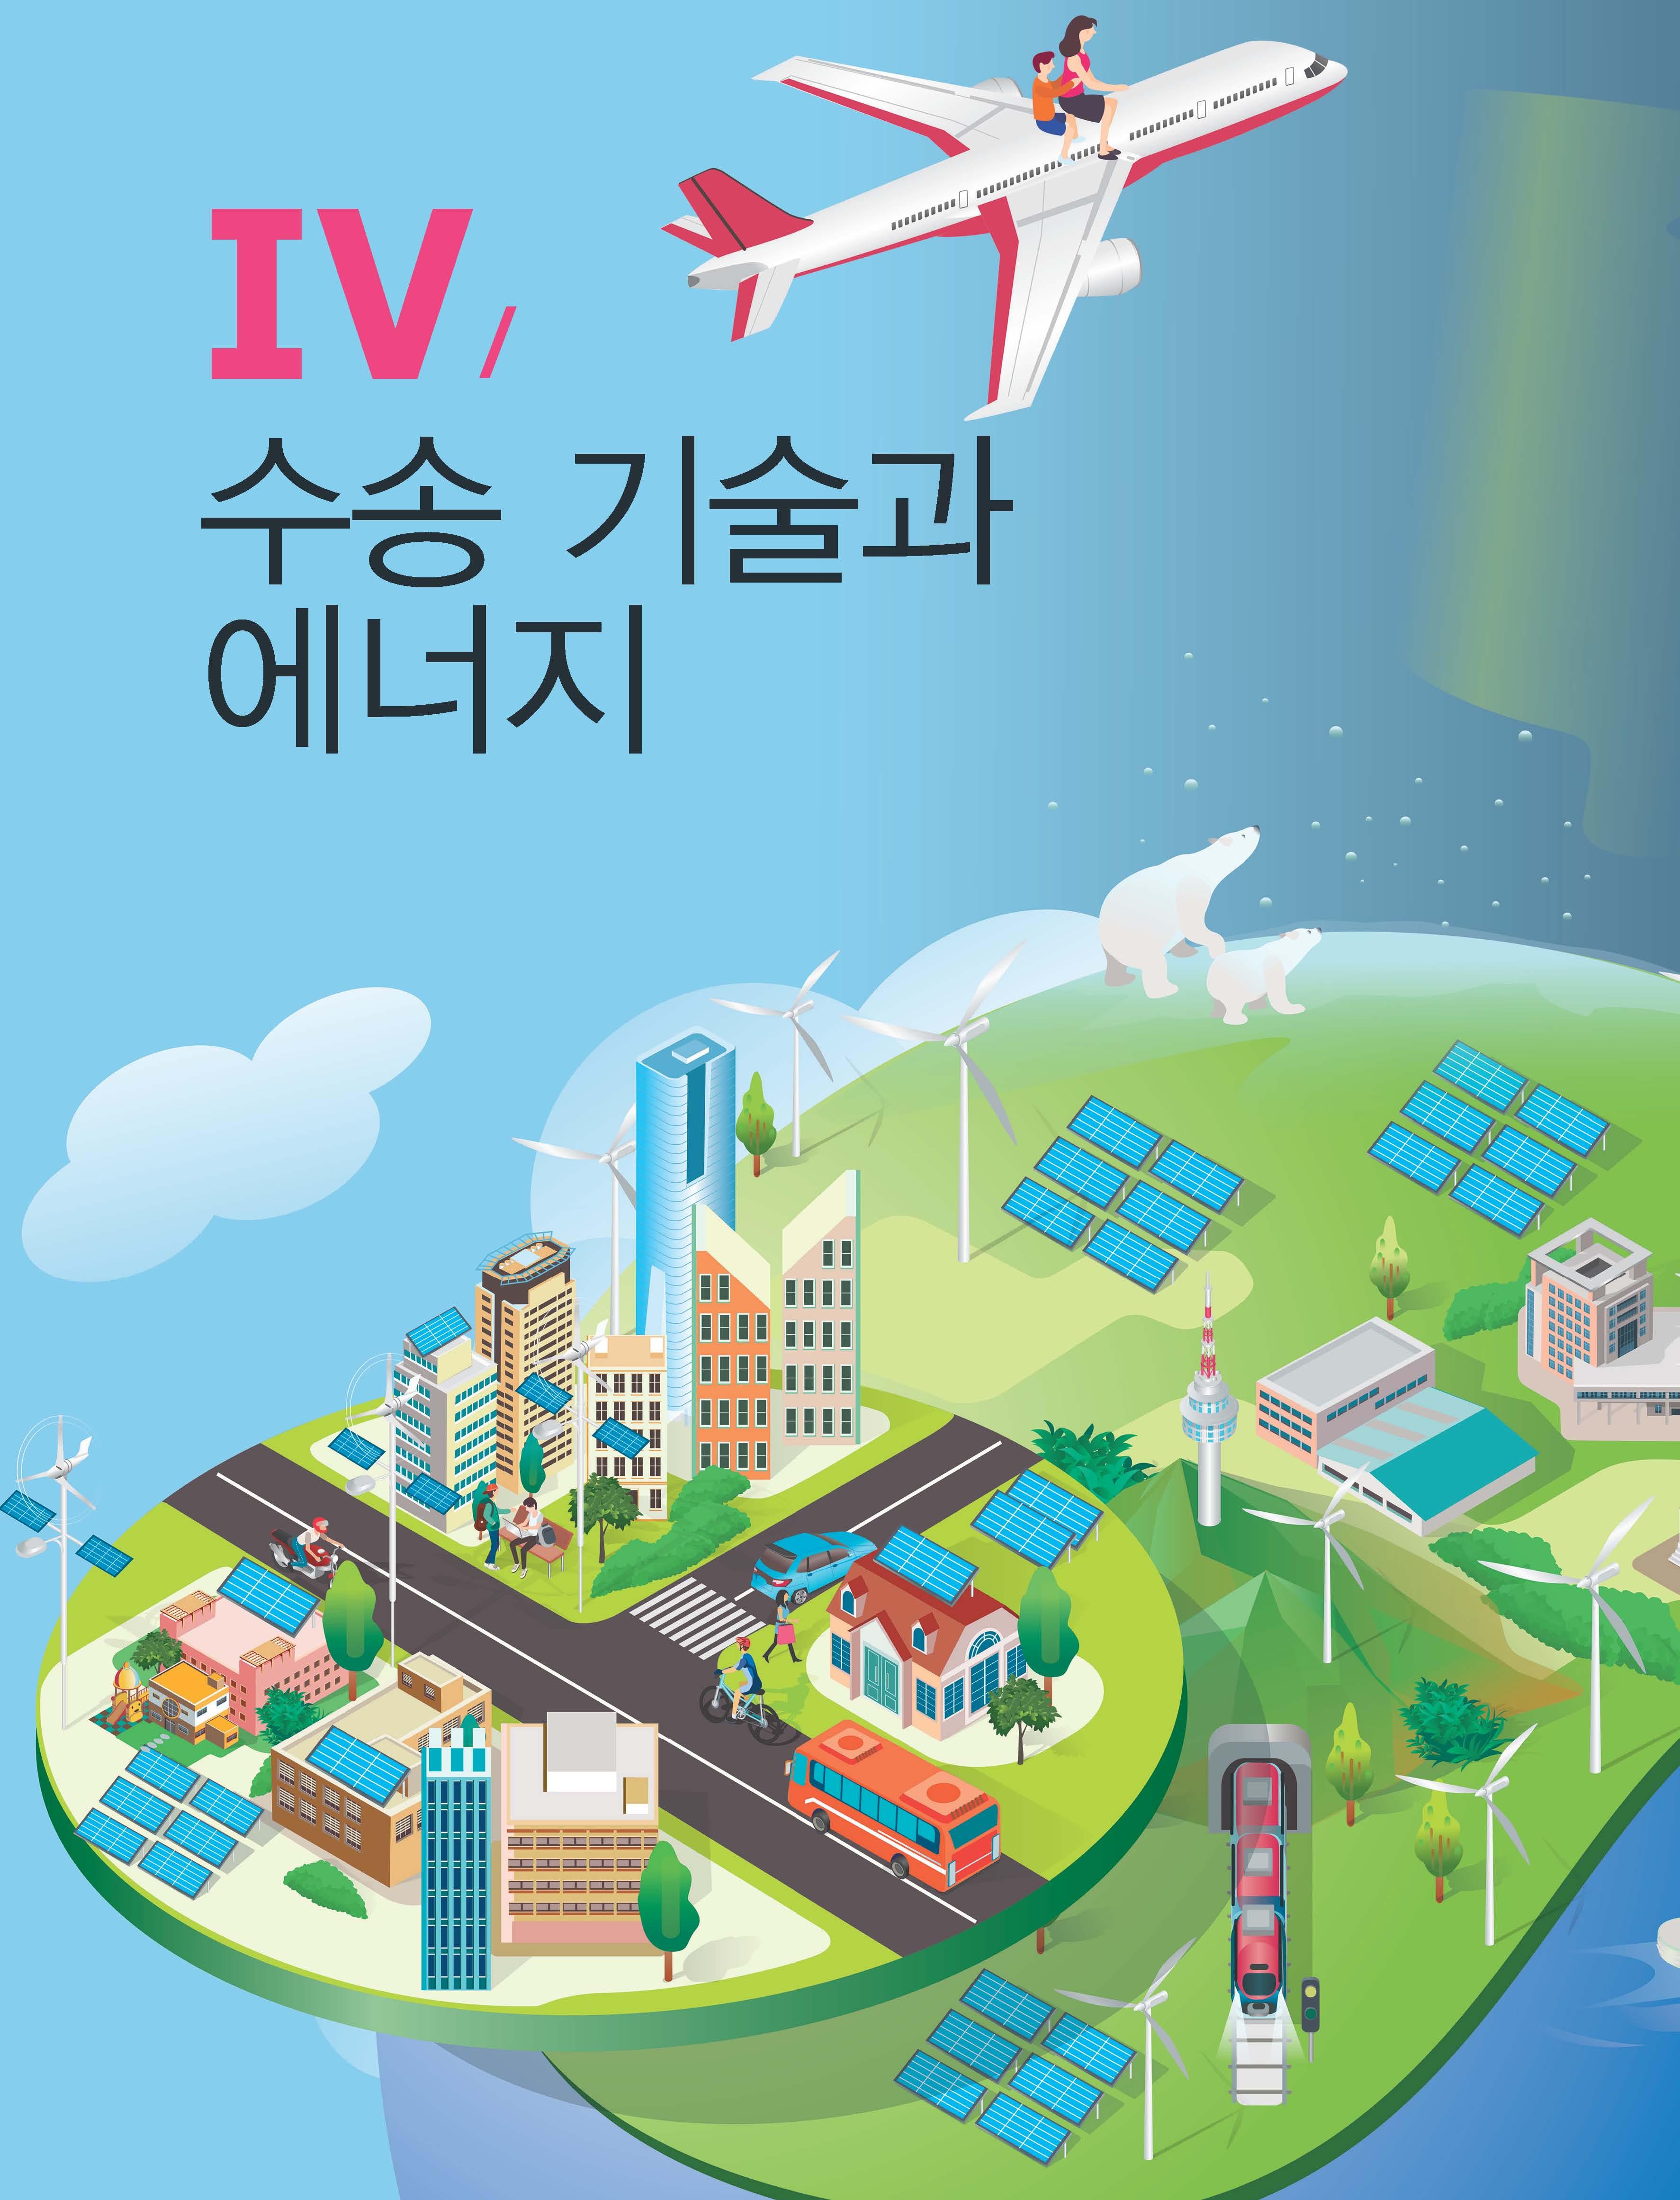 4.수송 기술과 에너지 제목 이미지